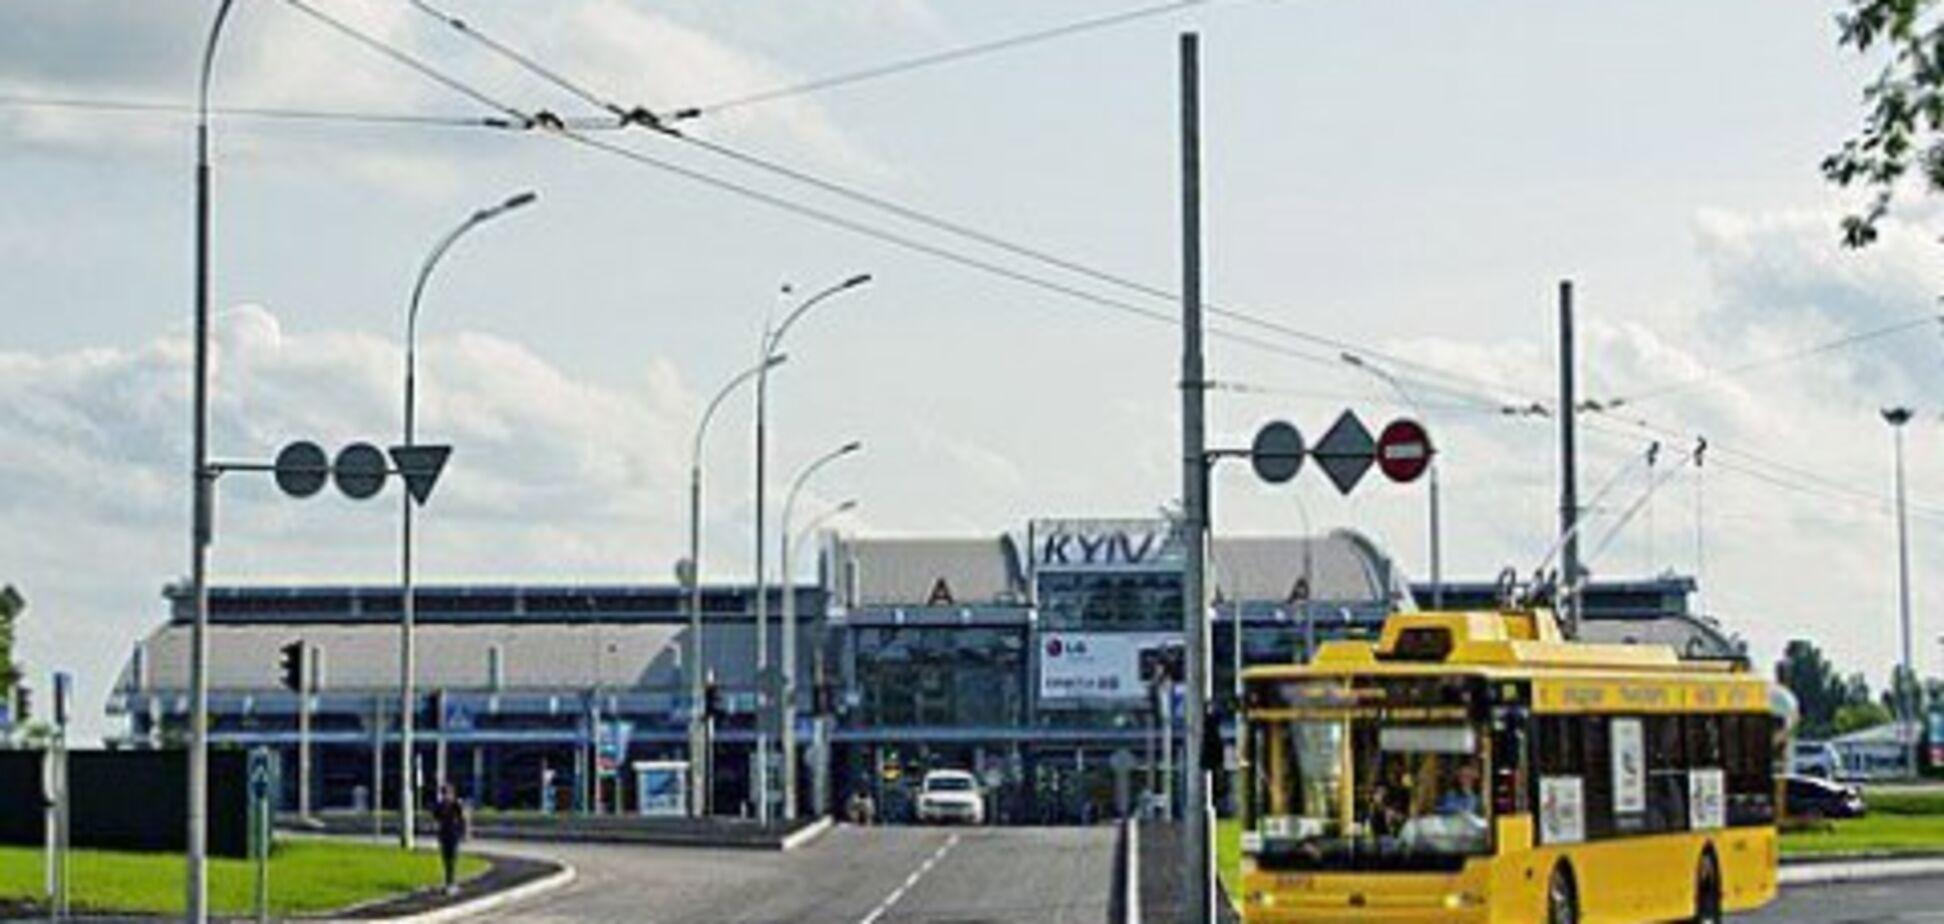 От вокзала до аэропорта 'Жуляны': в Киеве запустят новый маршрут